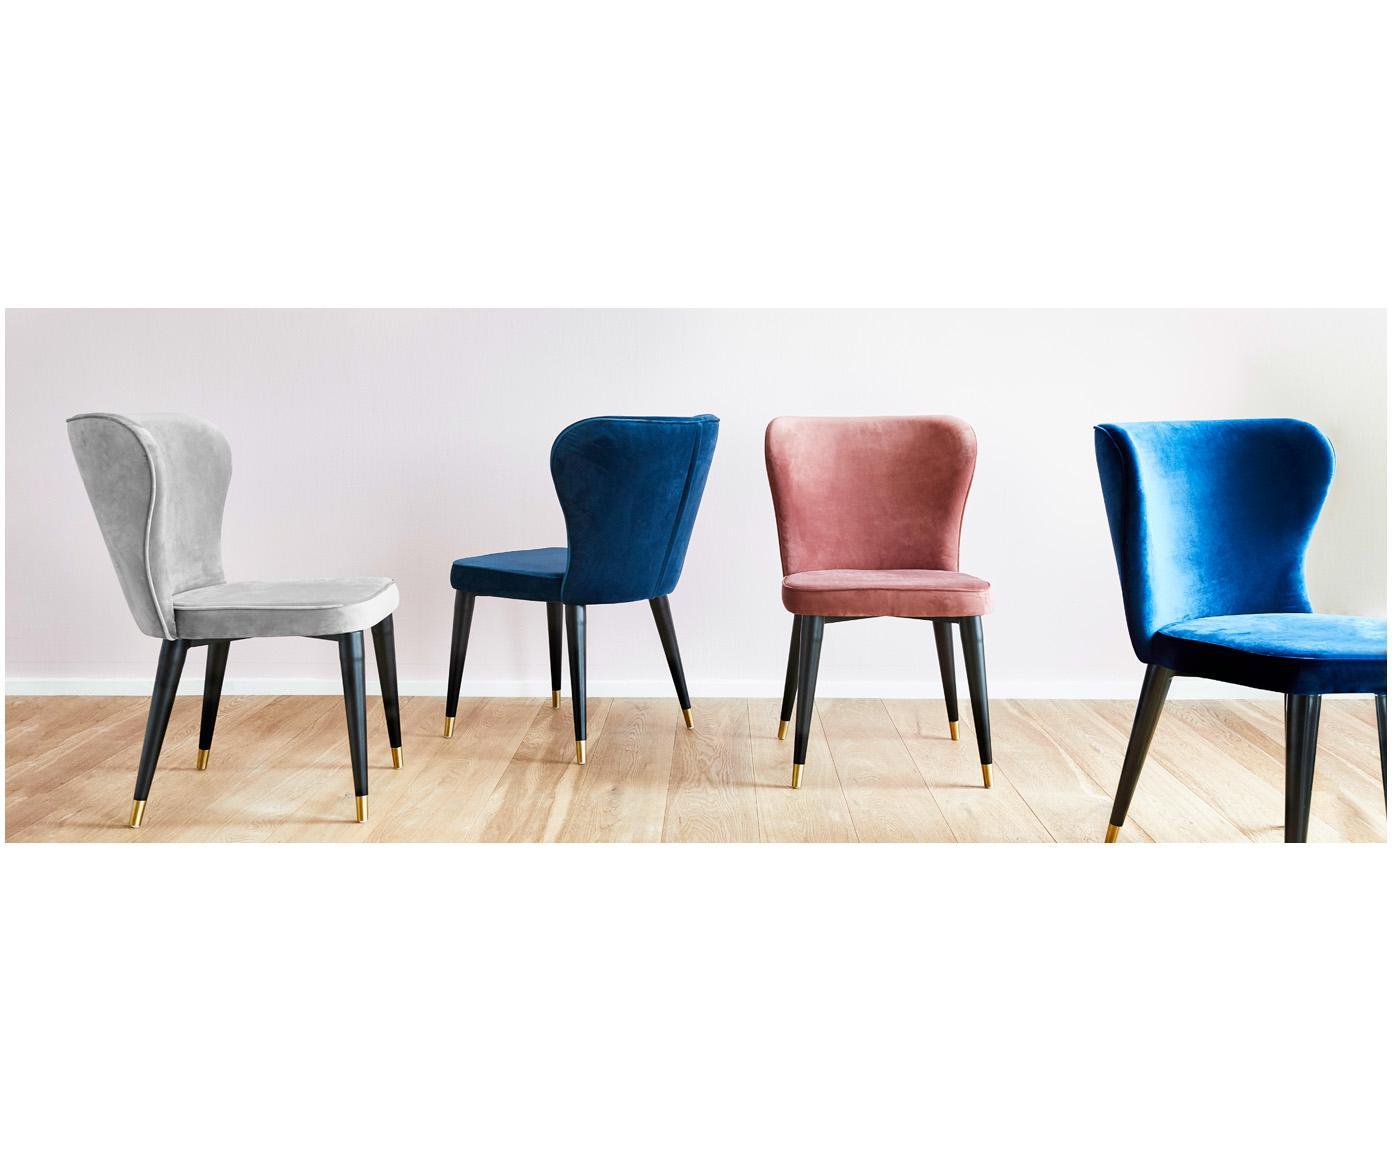 Krzesło tapicerowane z aksamitu Cleo, Tapicerka: aksamit (poliester) 5000, Nogi: metal lakierowany, Aksamitny szary, S 51 x G 62 cm